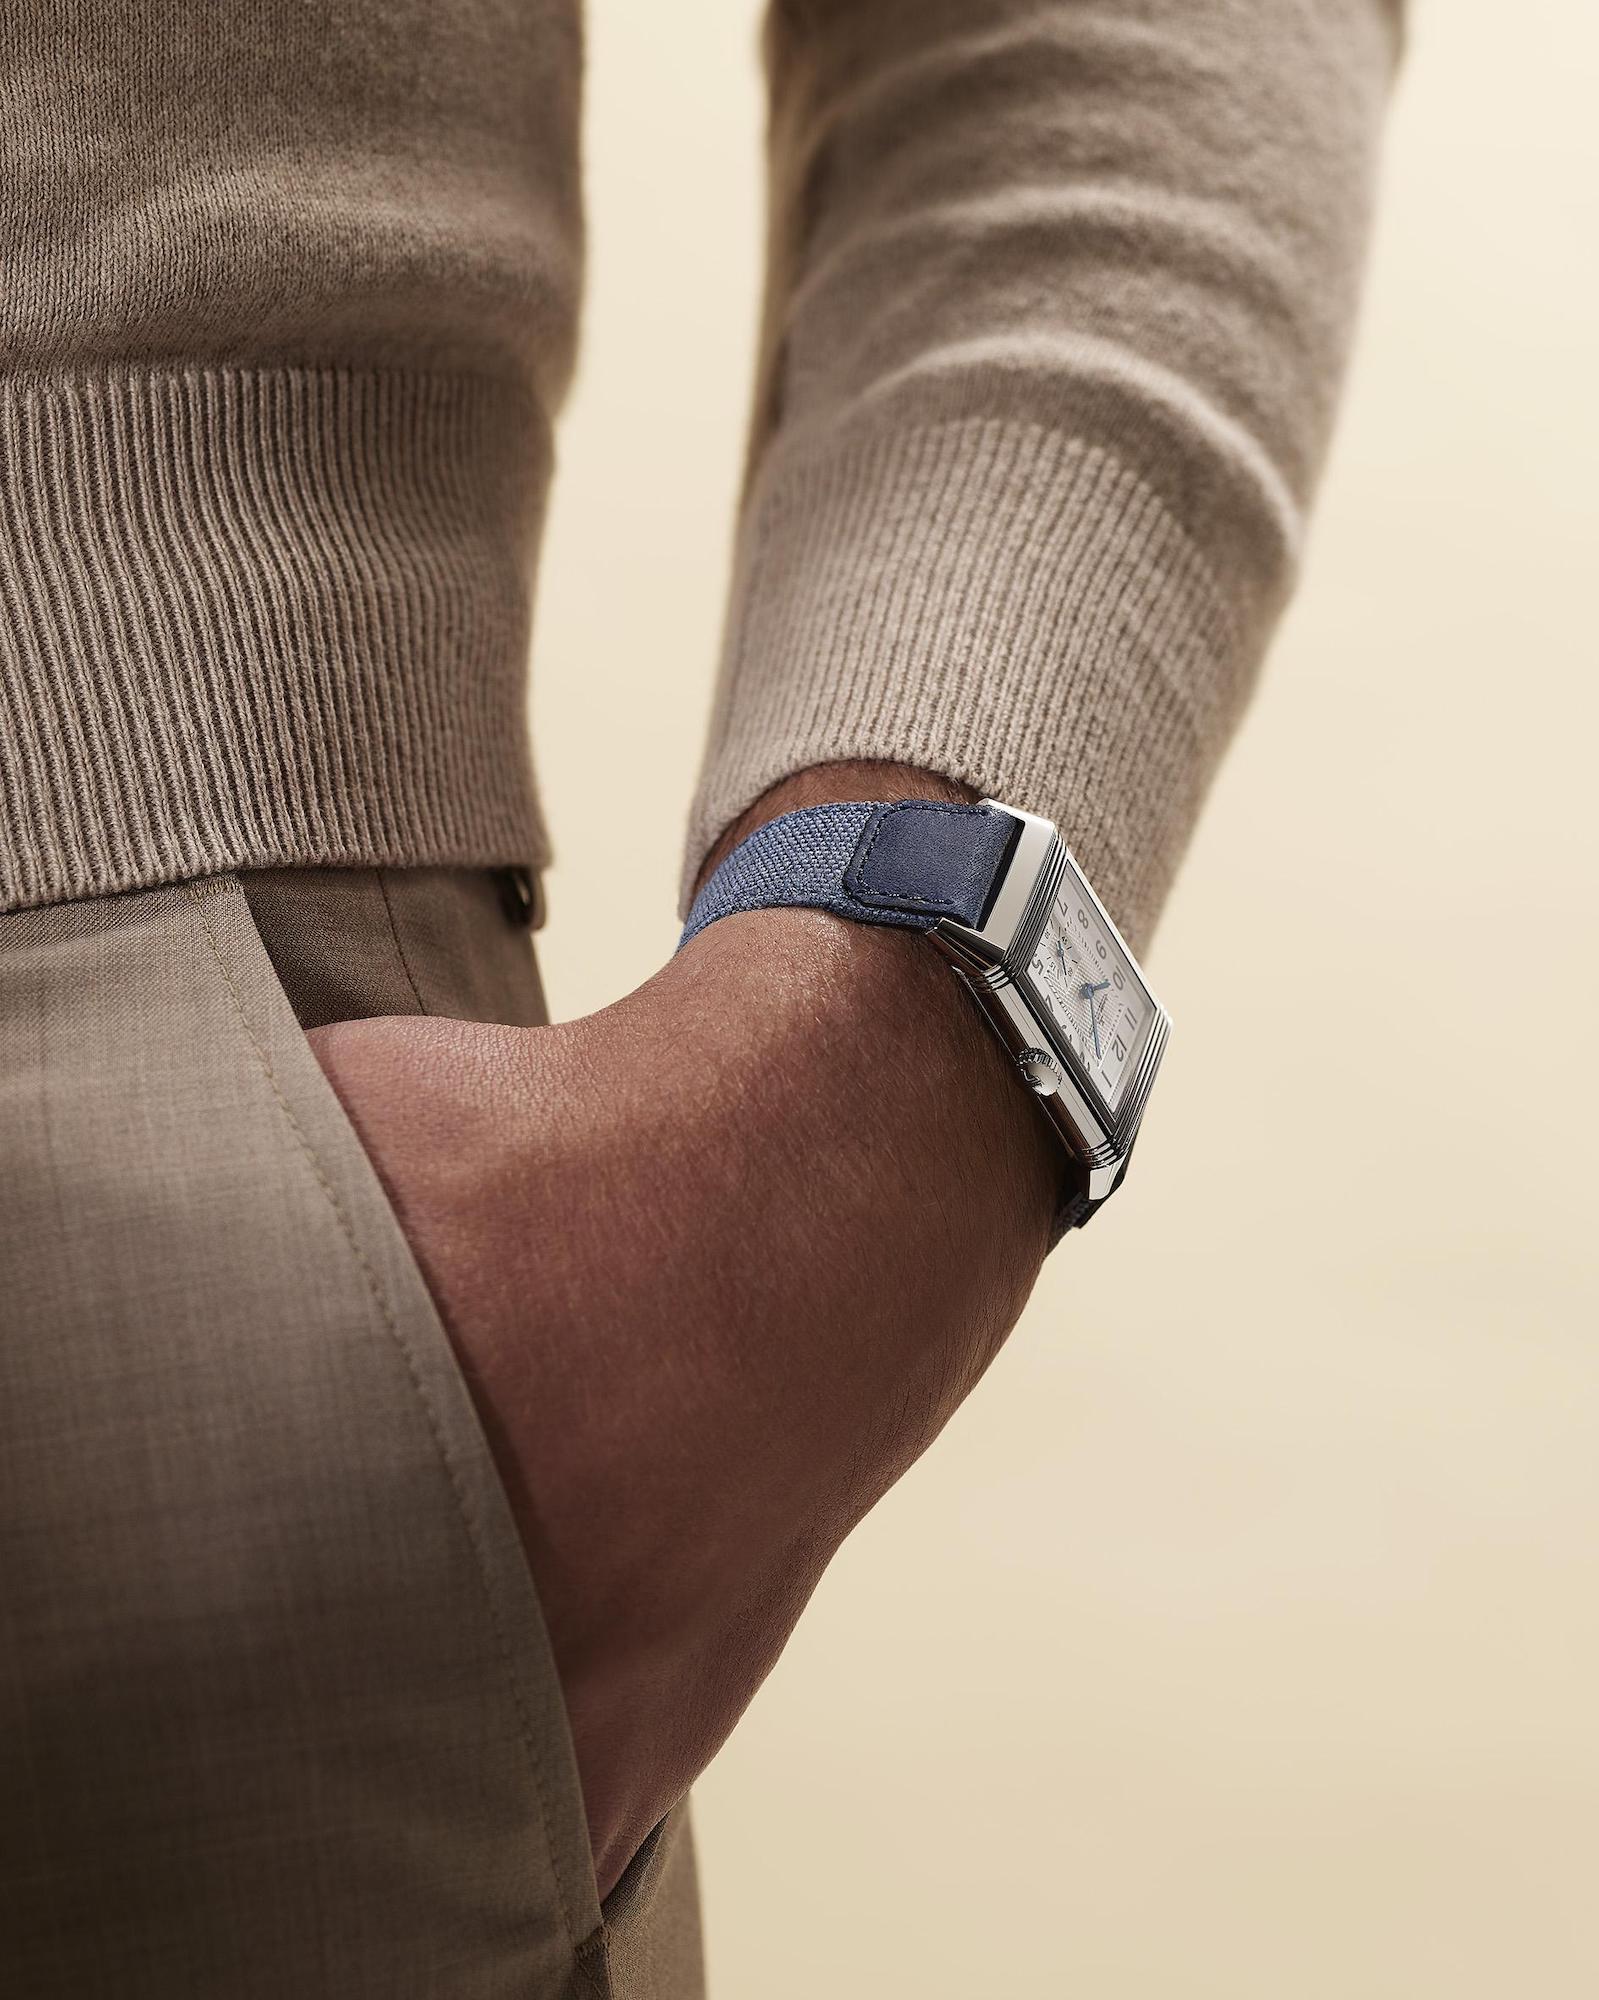 Correa Reverso Fagliano strap pale blue wristshot